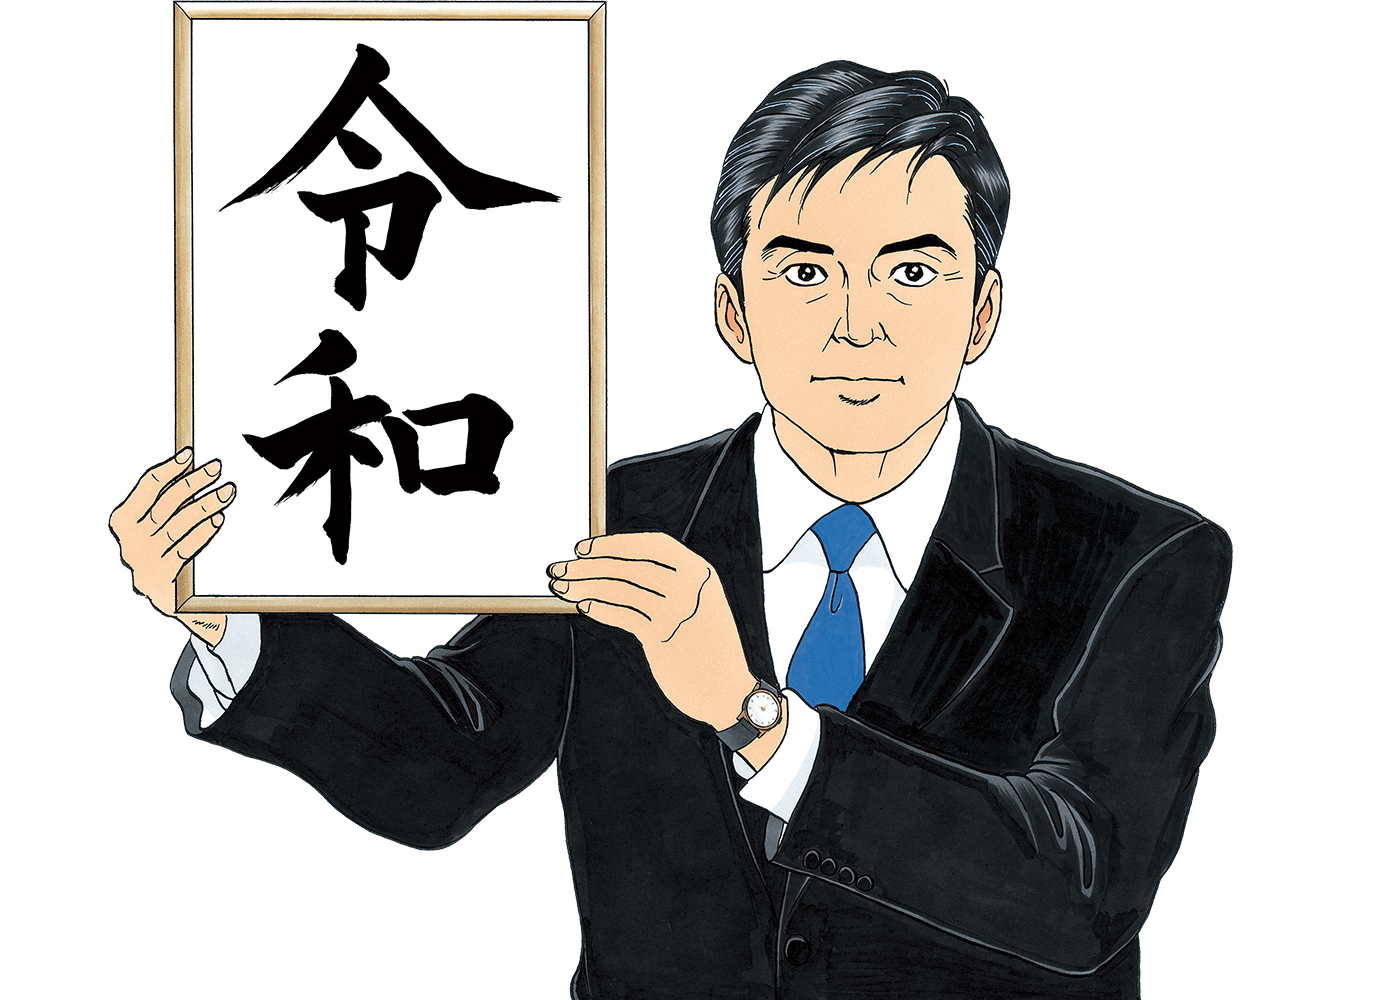 令和生まれ限定、獺祭 純米大吟醸 磨き三割九分、令和記念ボトル(720ml)が抽選で1,000名に当たる。~6/20。